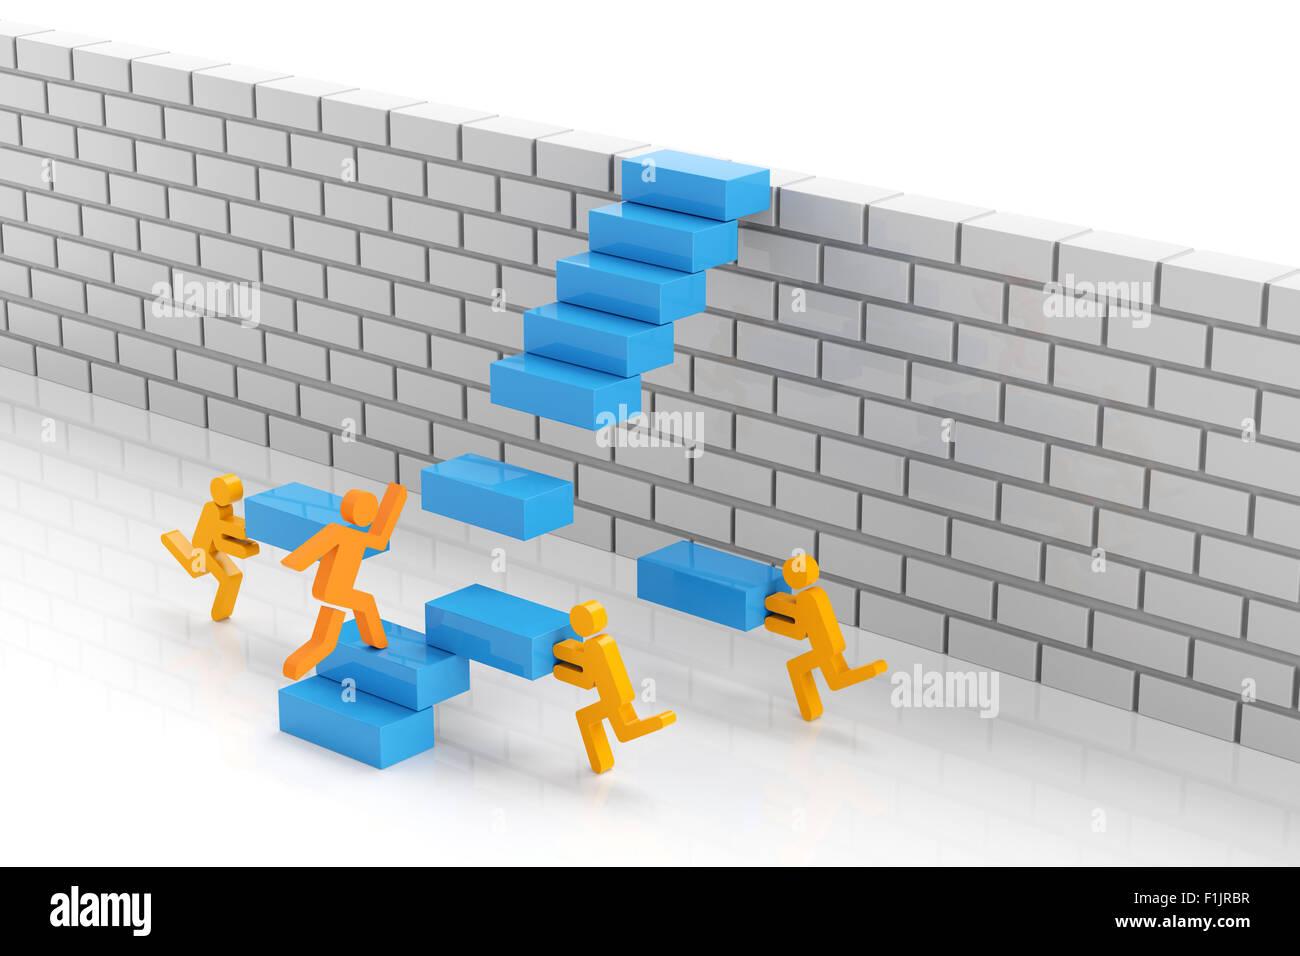 Trabajo en equipo para superar obstáculos Imagen De Stock